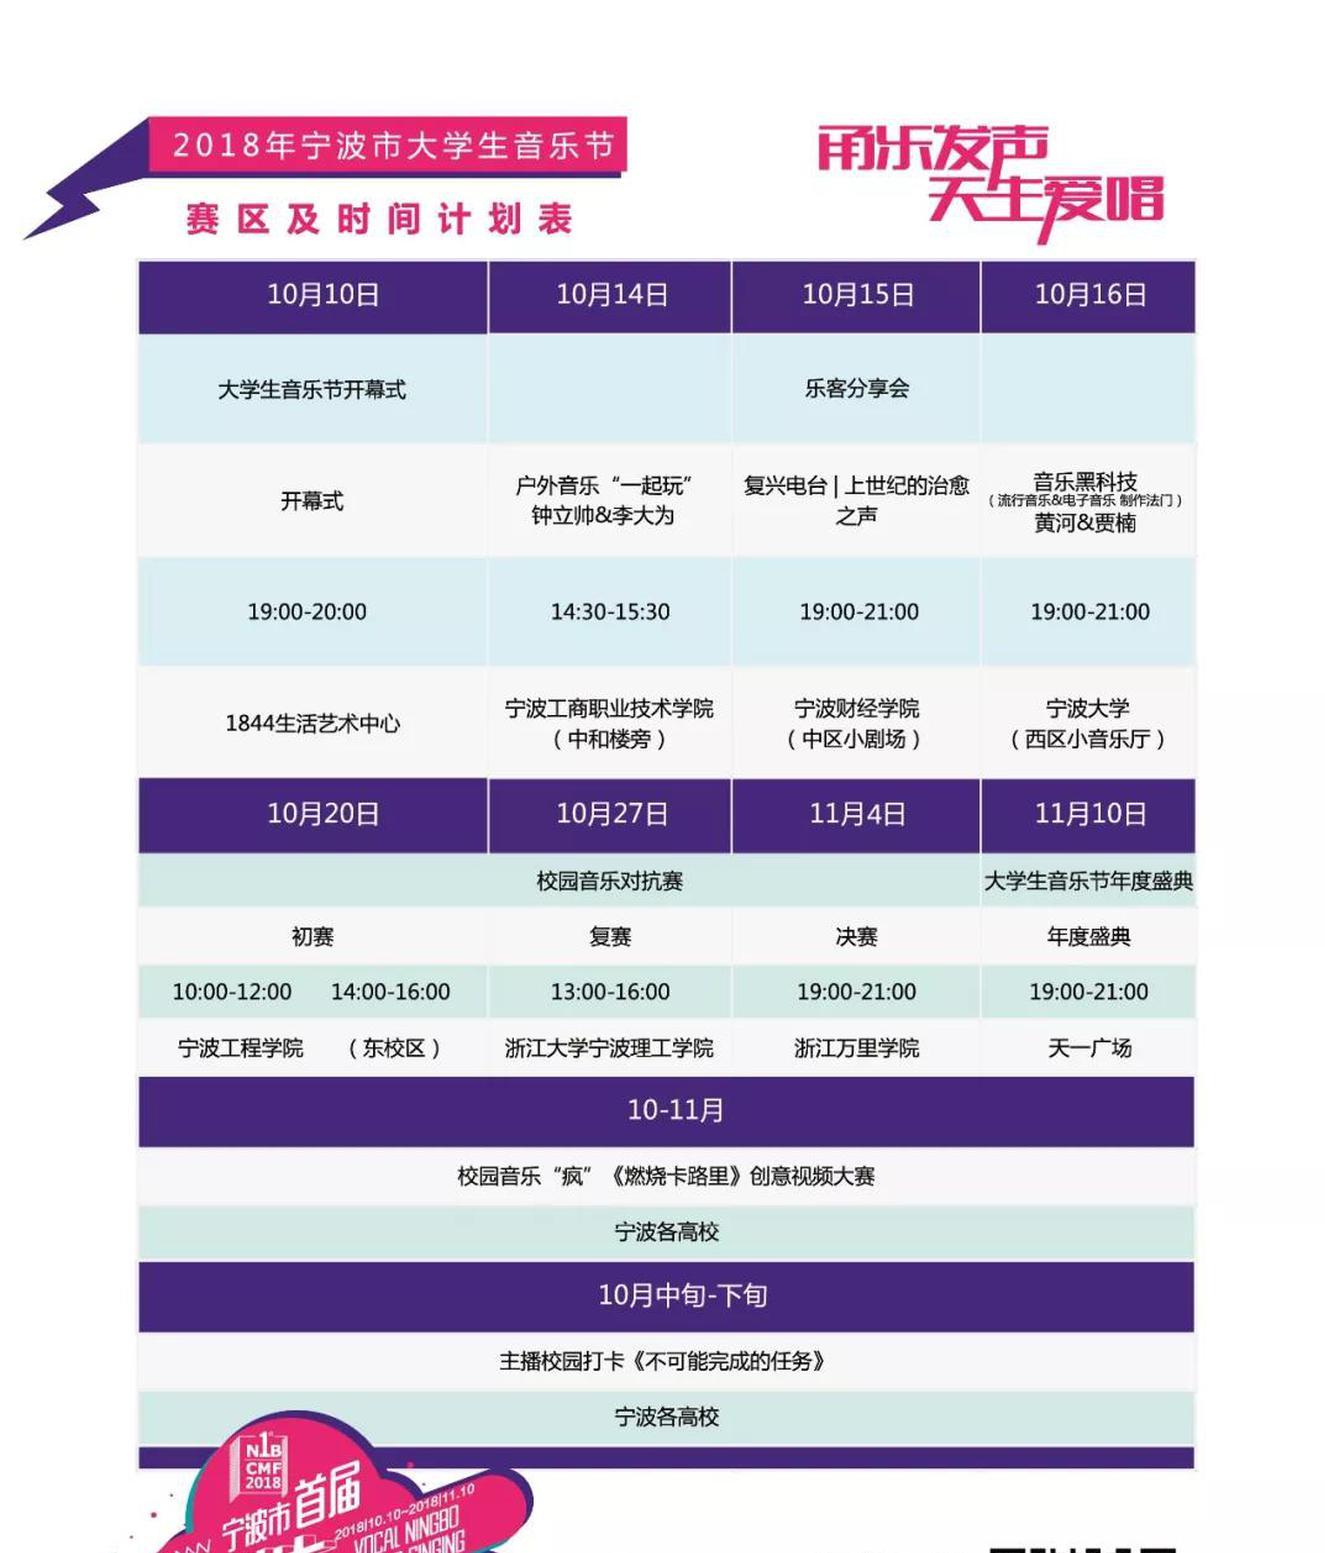 宁波市首届大学生音乐节开幕